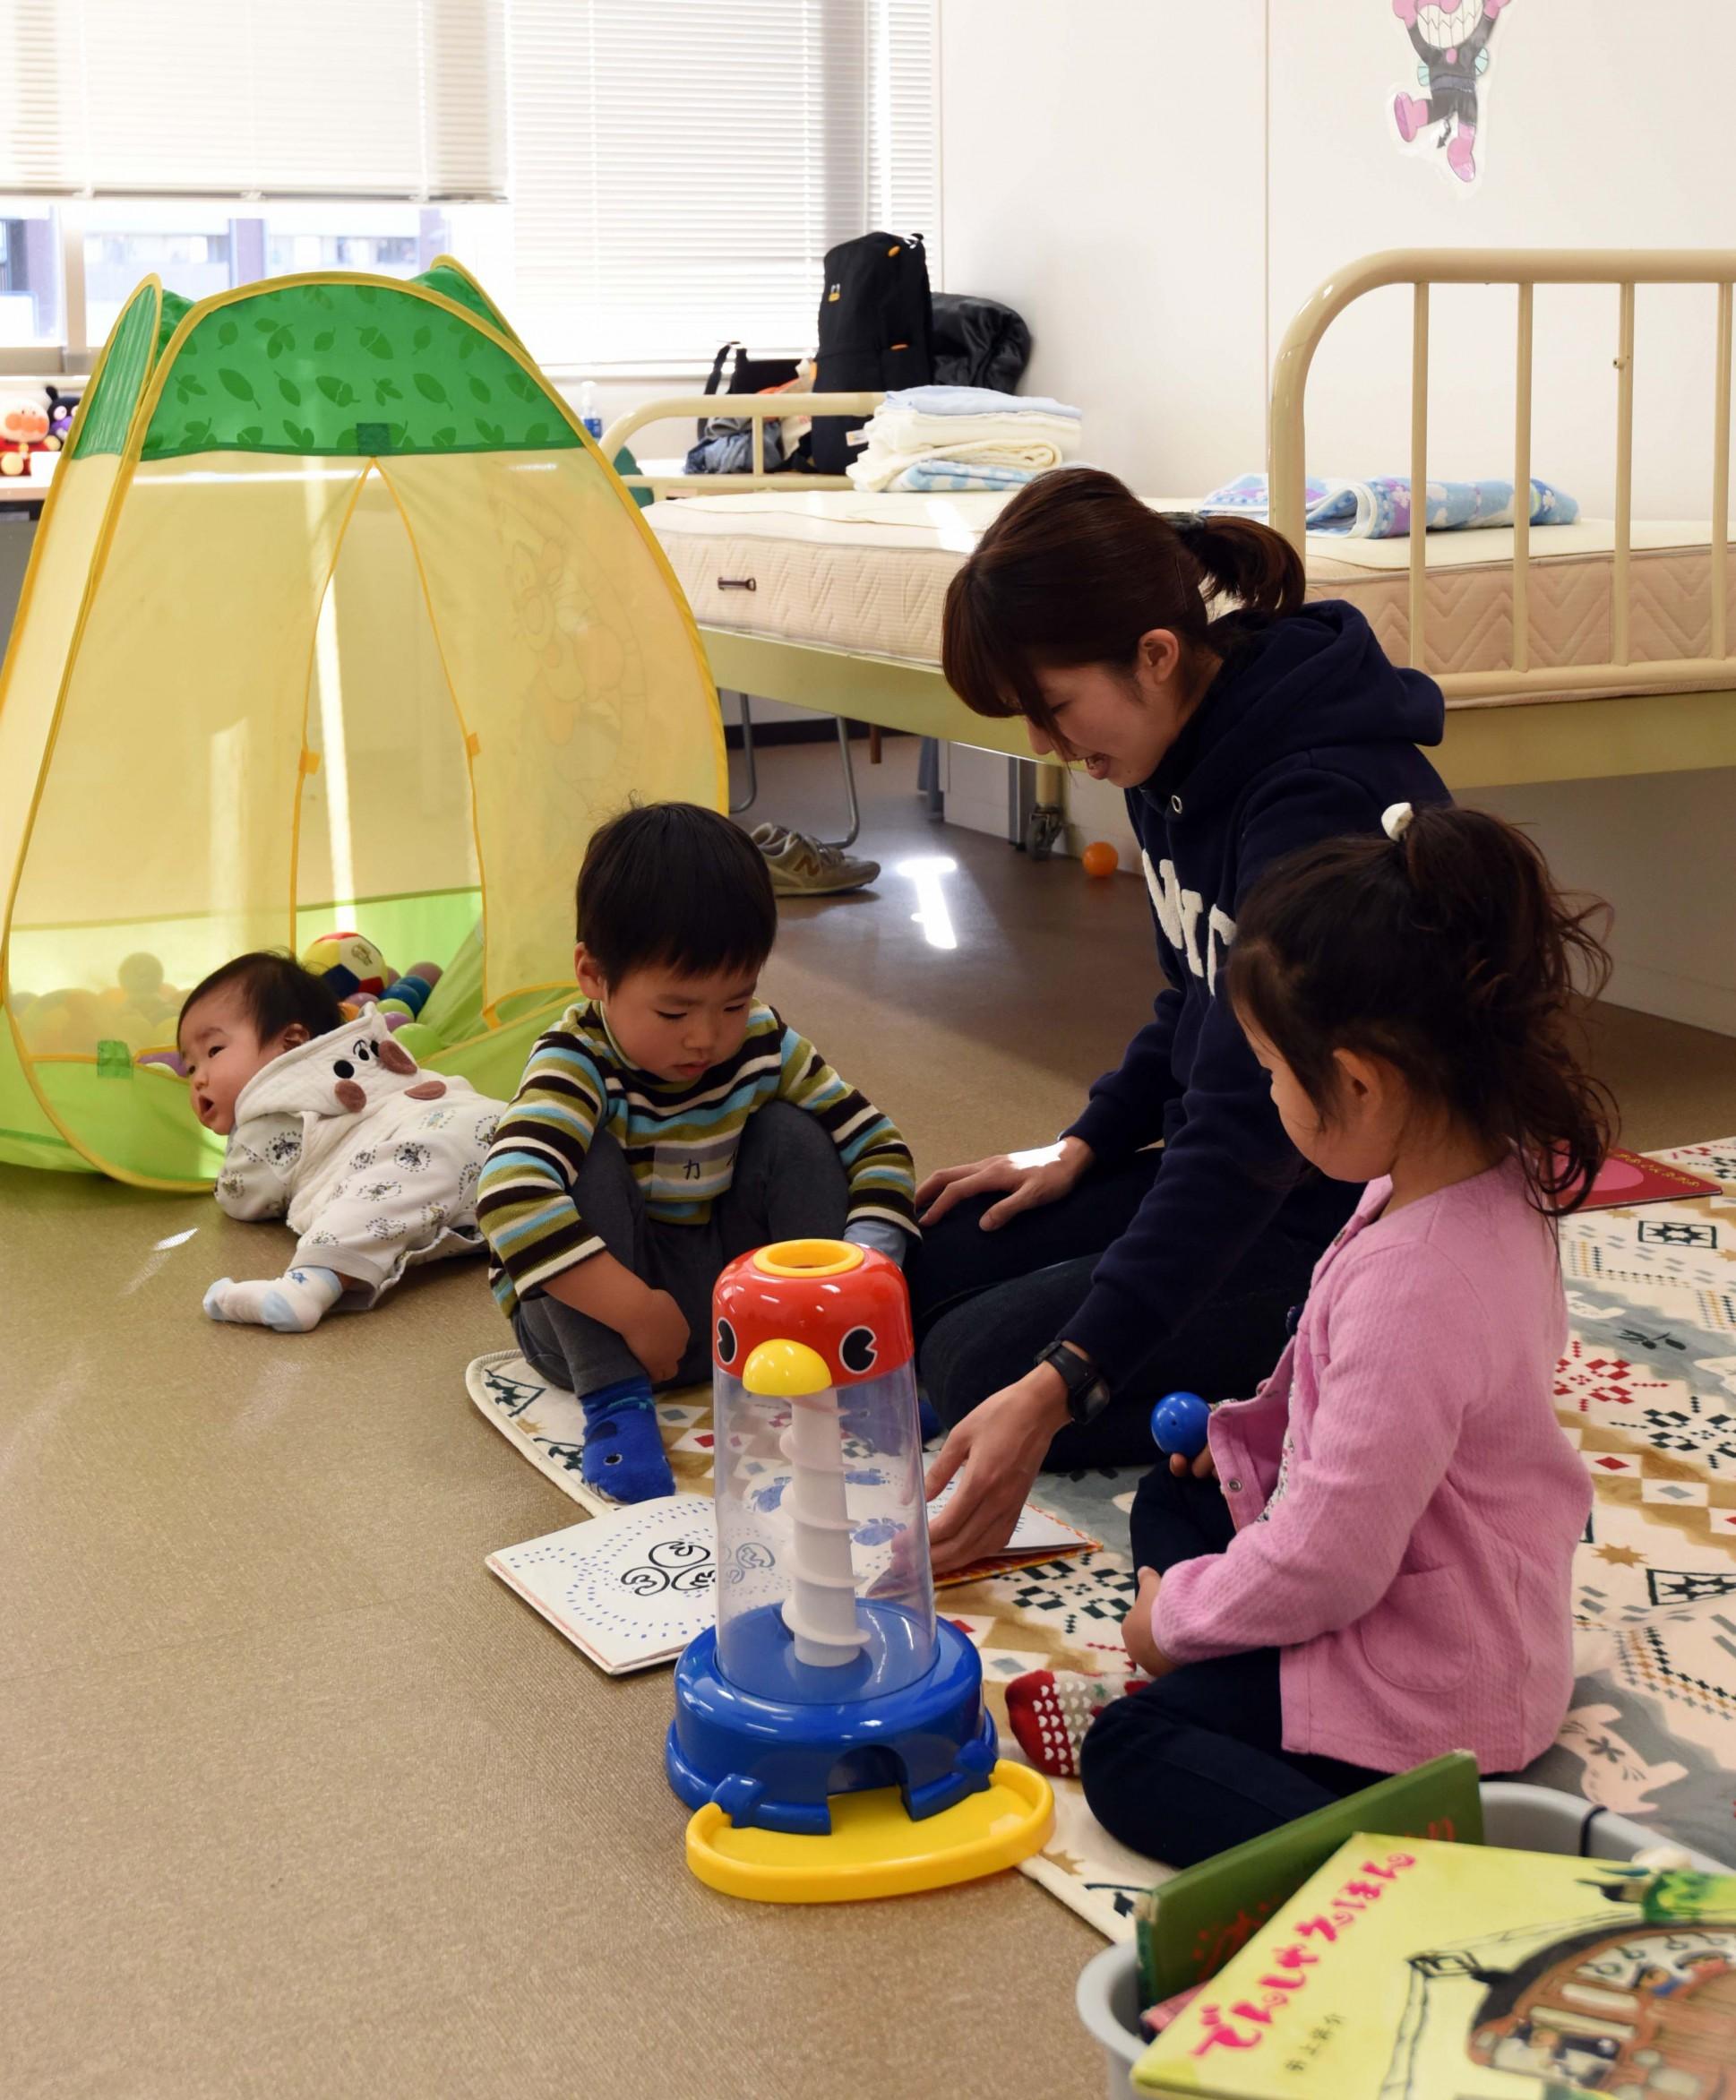 日本の産後ケアの第一人者、NPO法人マドレボニータの吉岡マコさんによる産後ケアのワークショップが池田で開催されました。